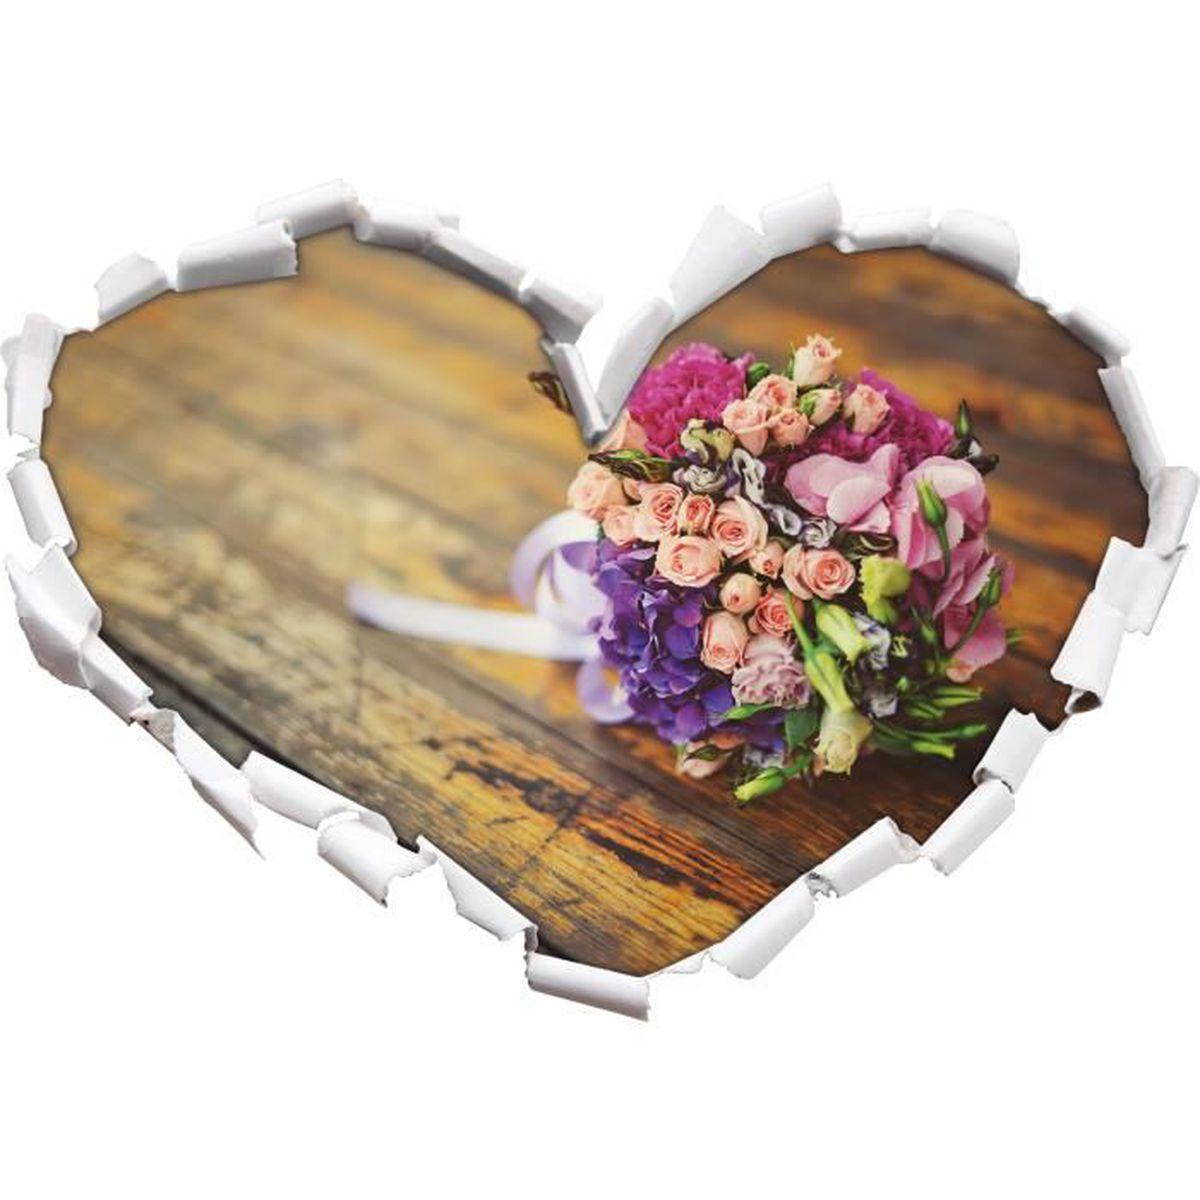 bouquet sur l'ancienne forme de coeur de la table en bois dans le